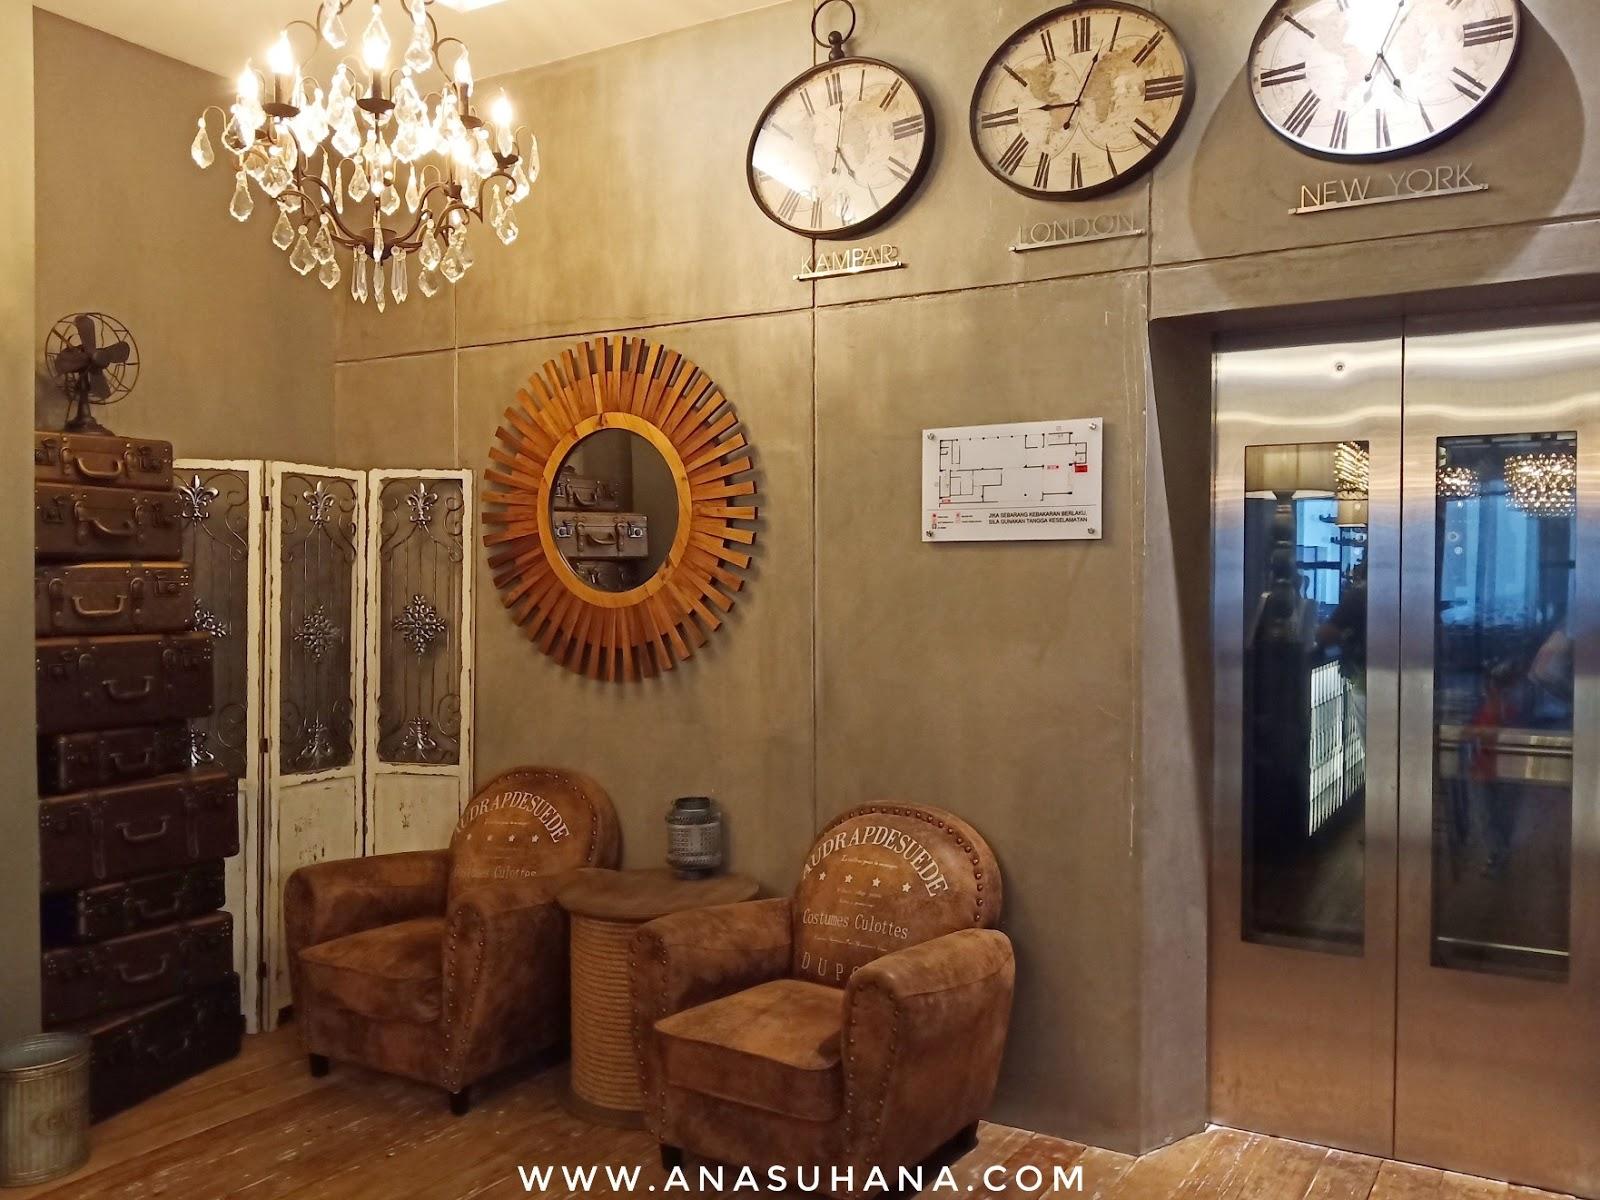 The Kampar Boutique Hotel